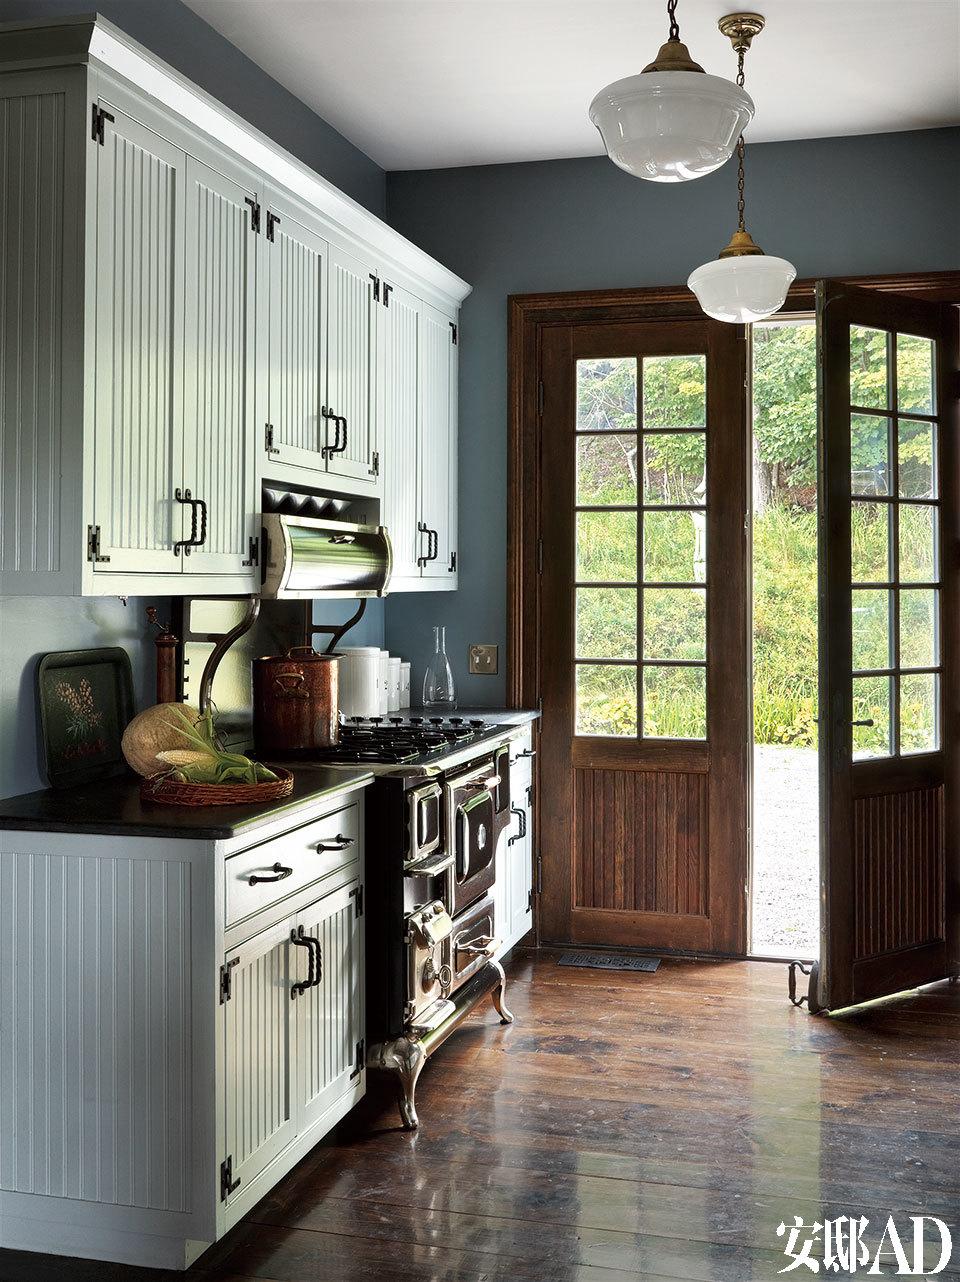 """厨房与室外相连,老式的厨具,搭配院子里的一派""""野""""景,最是度假屋的精神所在。"""